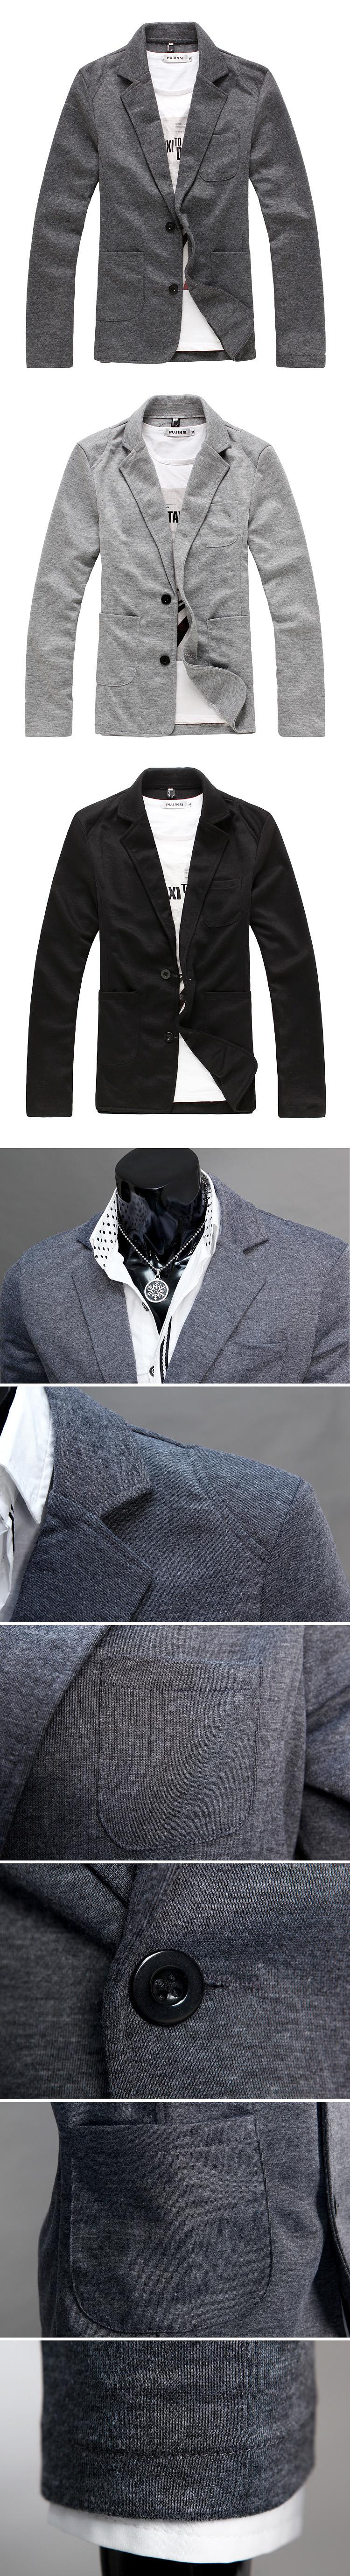 Puuvillast pintsak musta või halli värvi